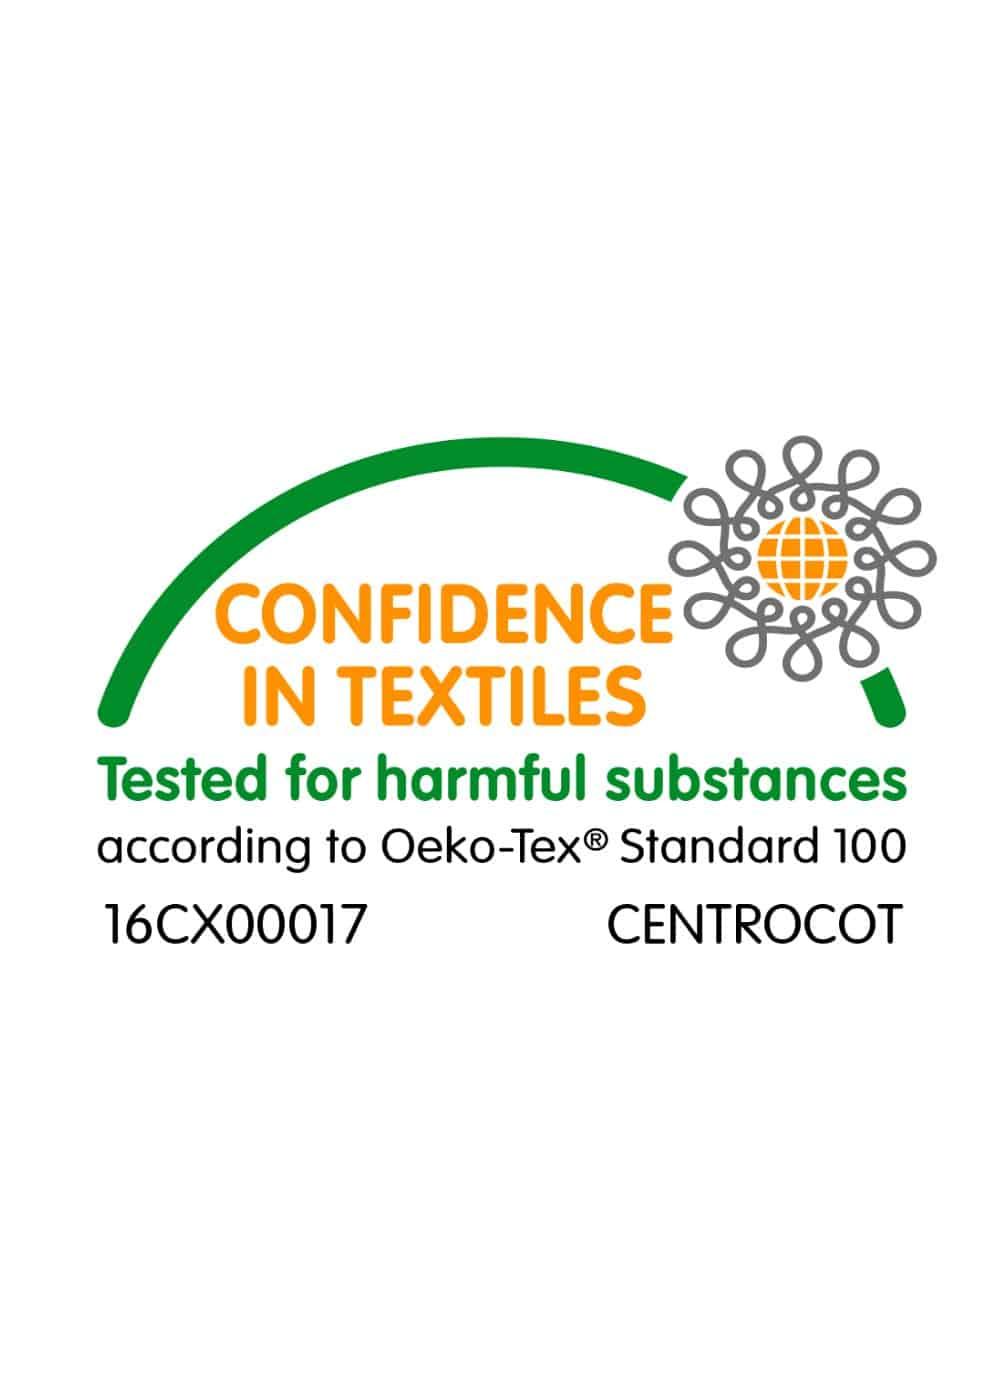 OEKO-TEX紡織品認證